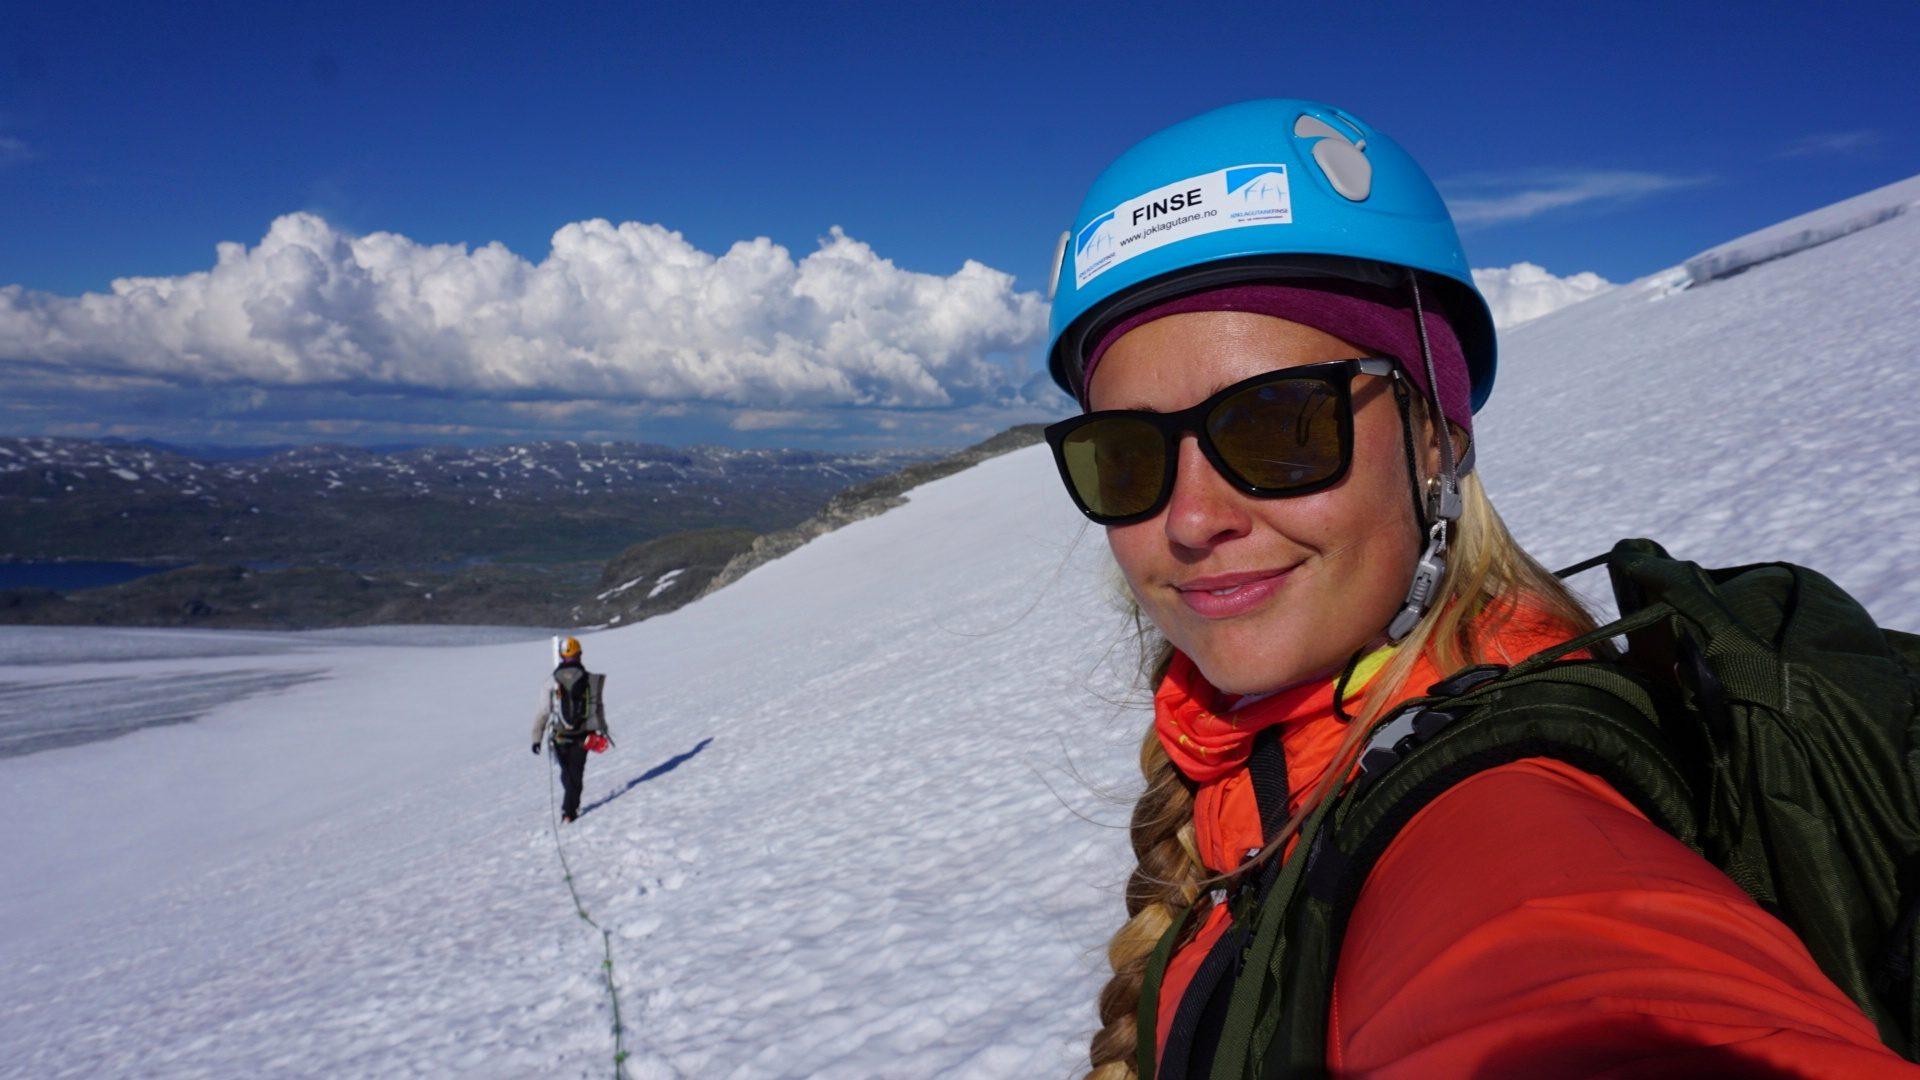 Maria Stray, Finse, Isbre, Hardangerjøkulen